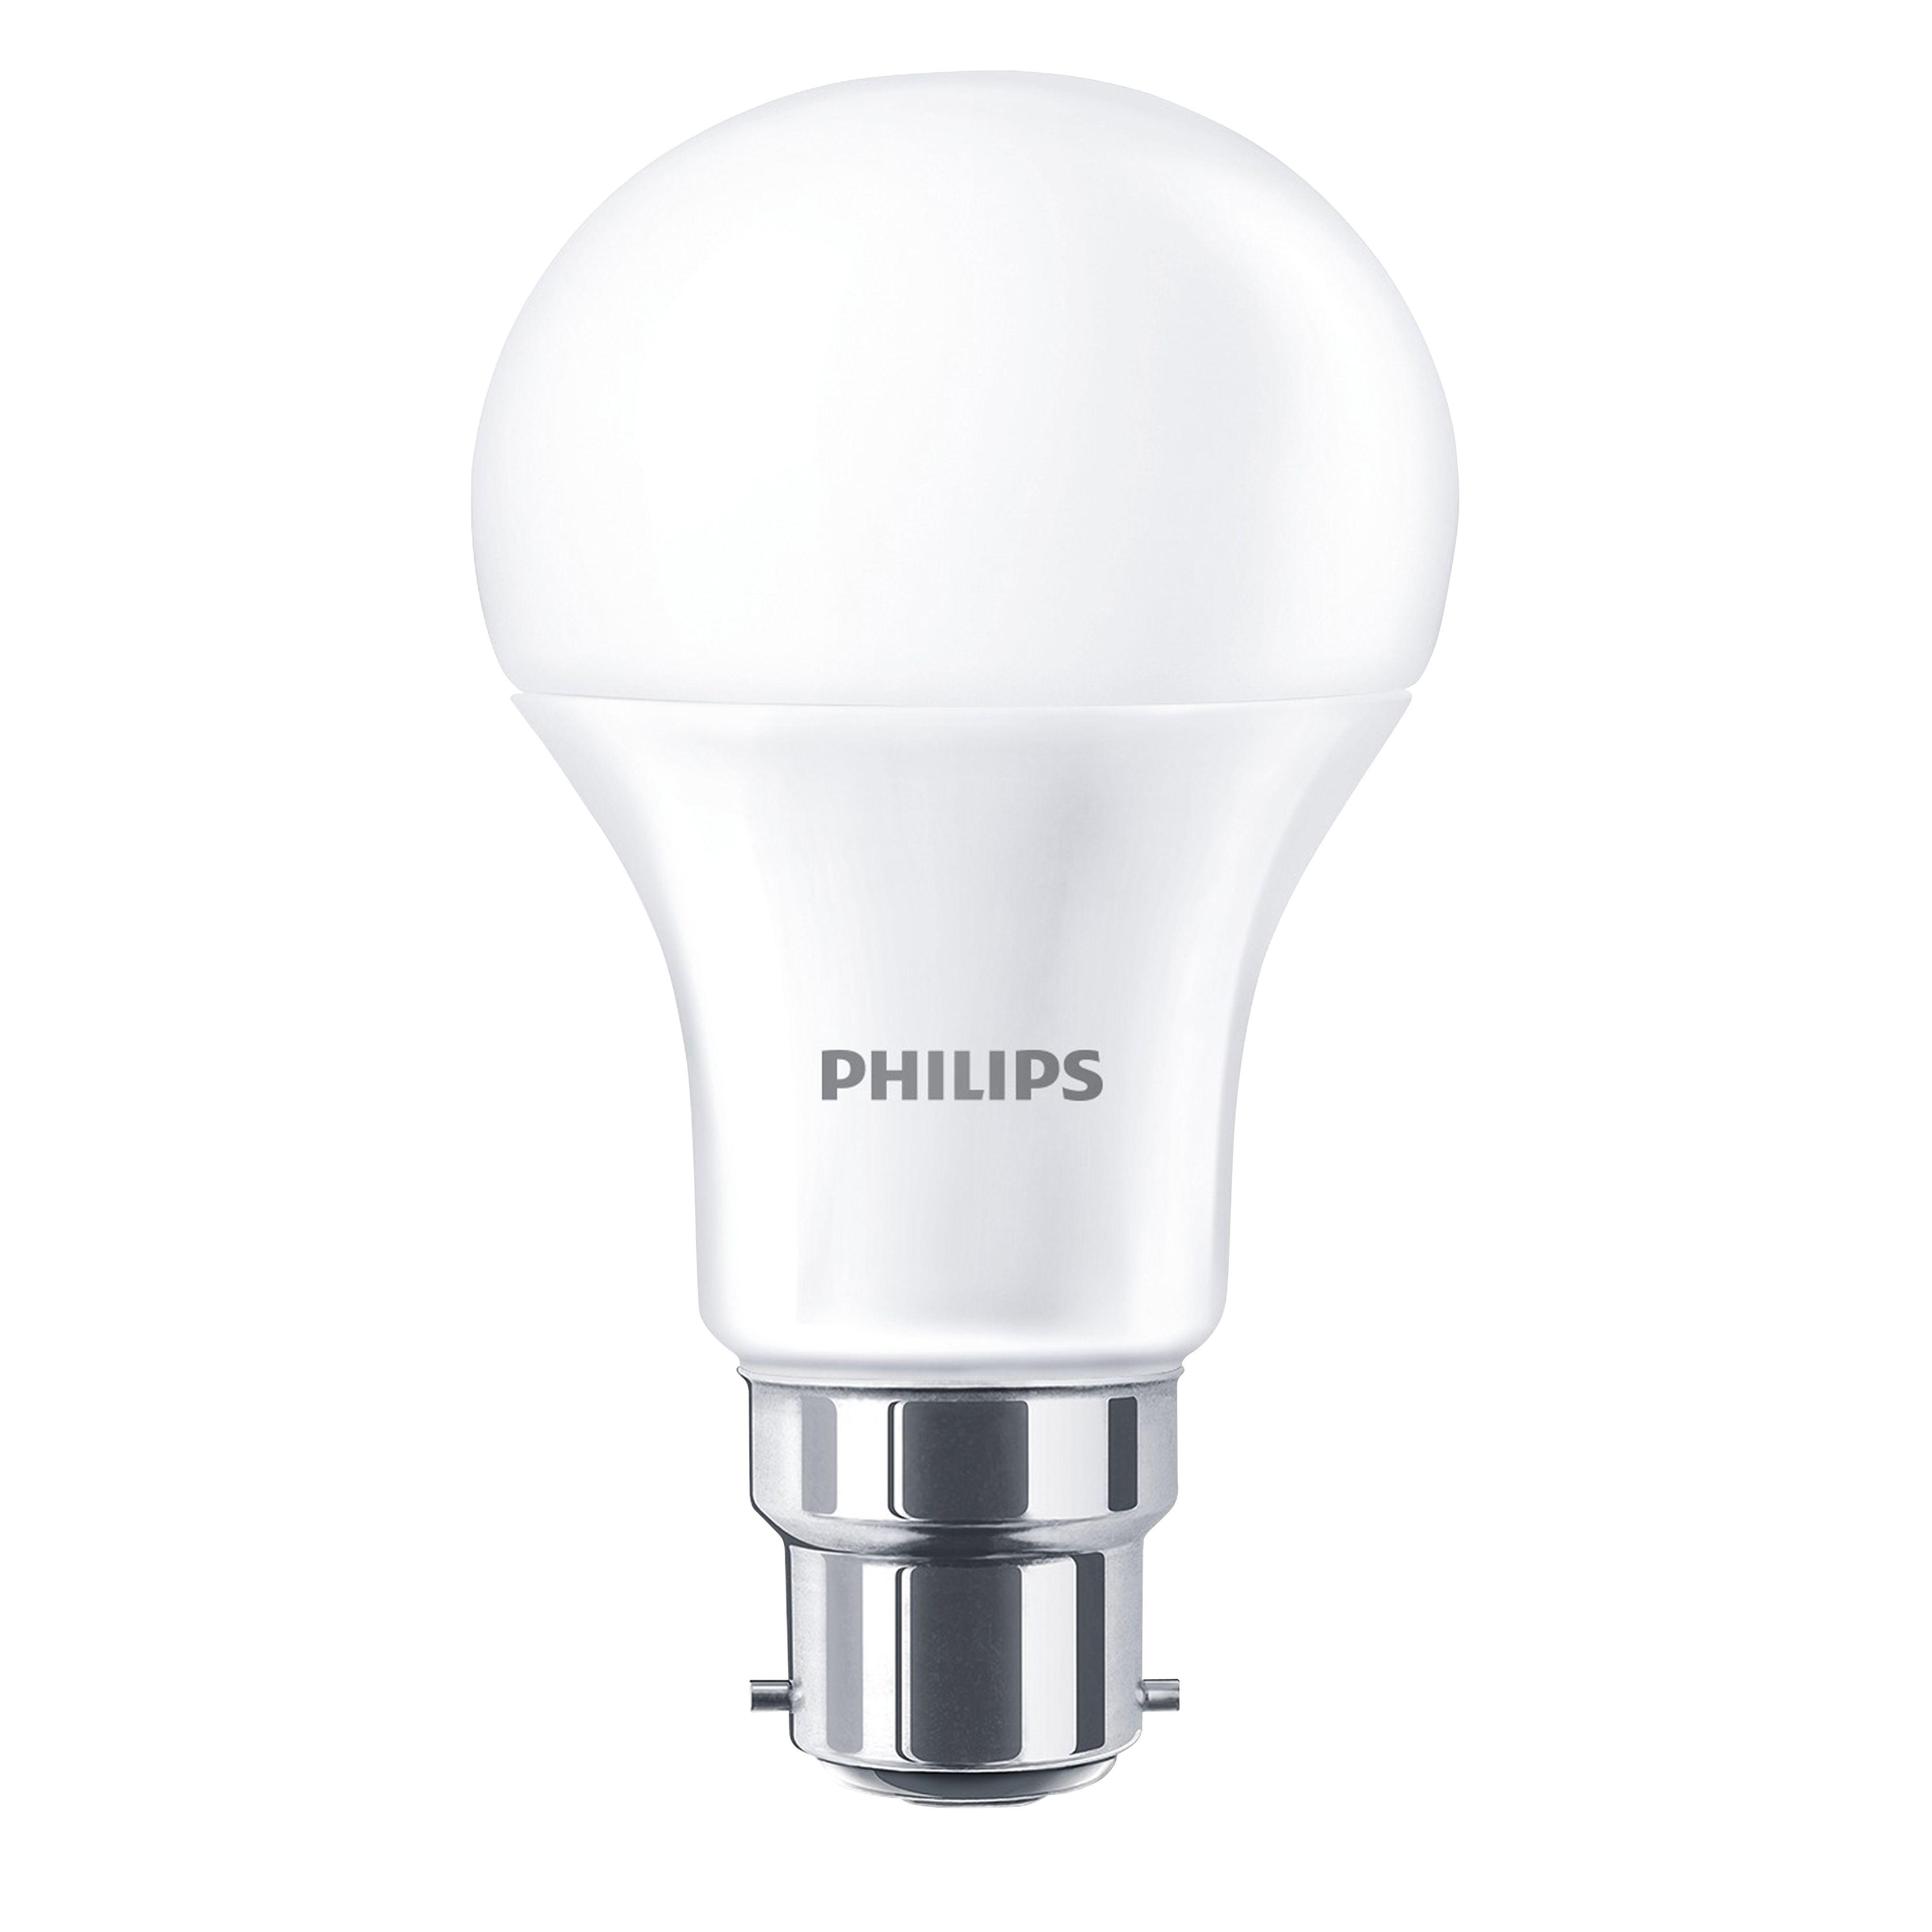 Philips B22 470lm Led Classic Light Bulb